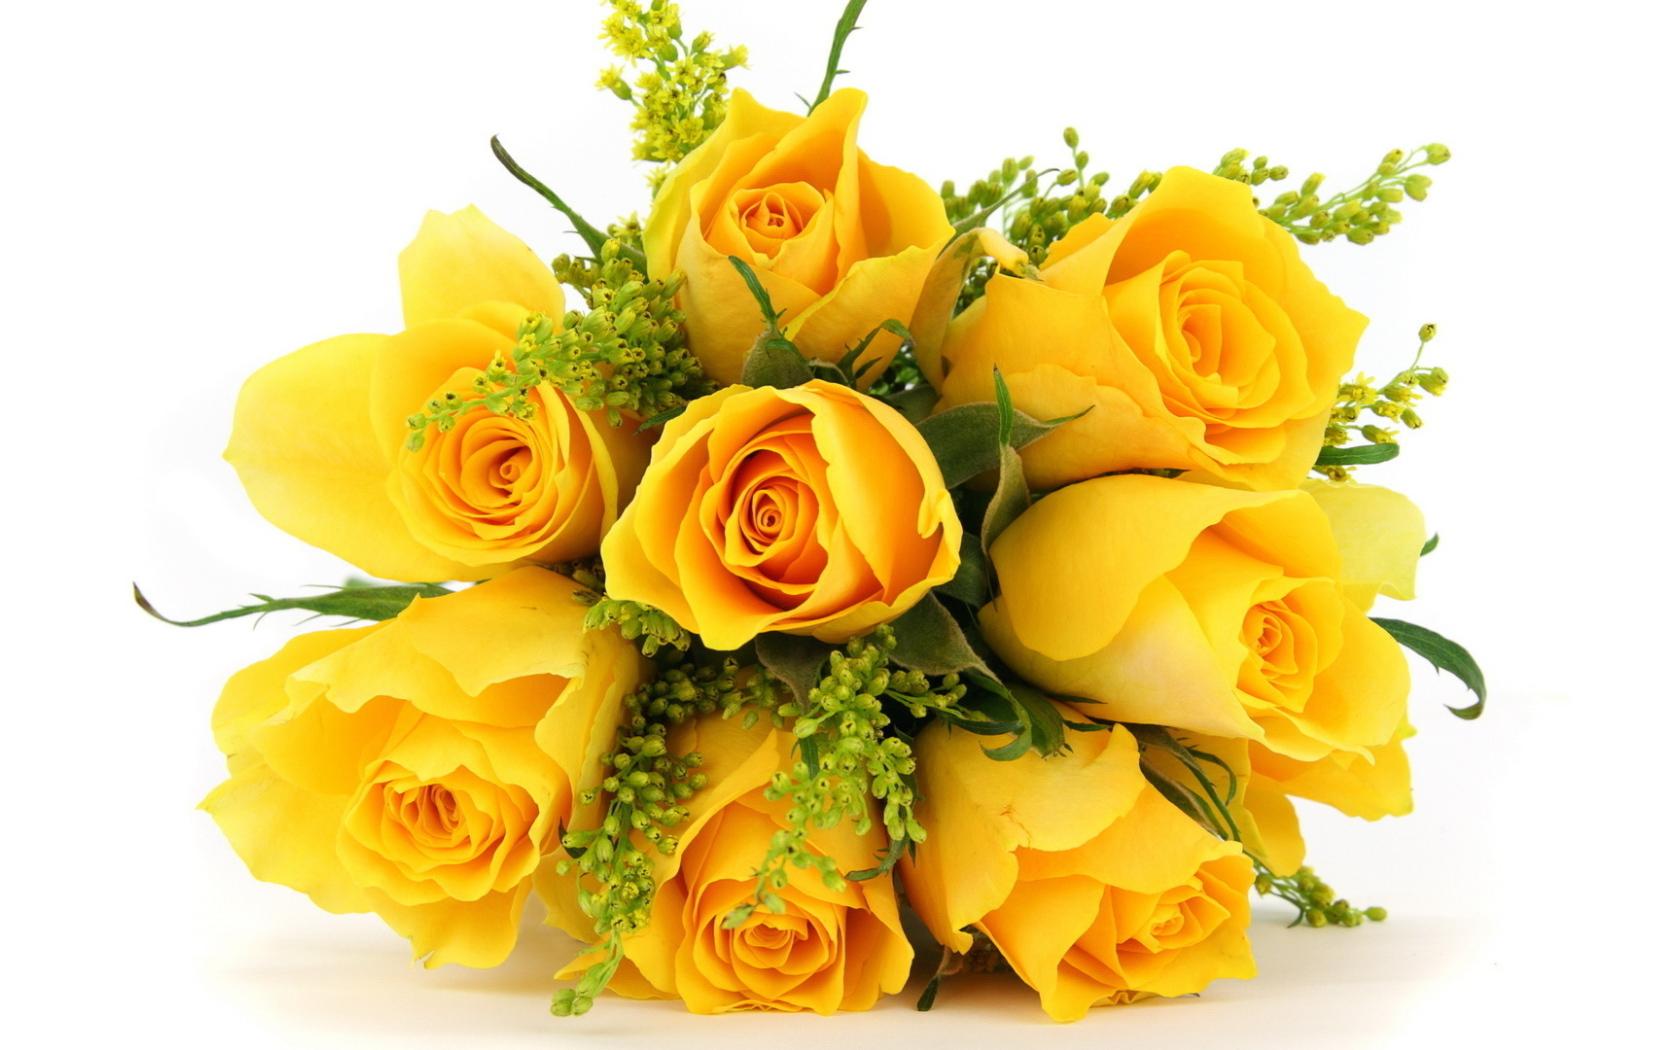 Картинки желтых роз на прозрачном фоне, вайбере